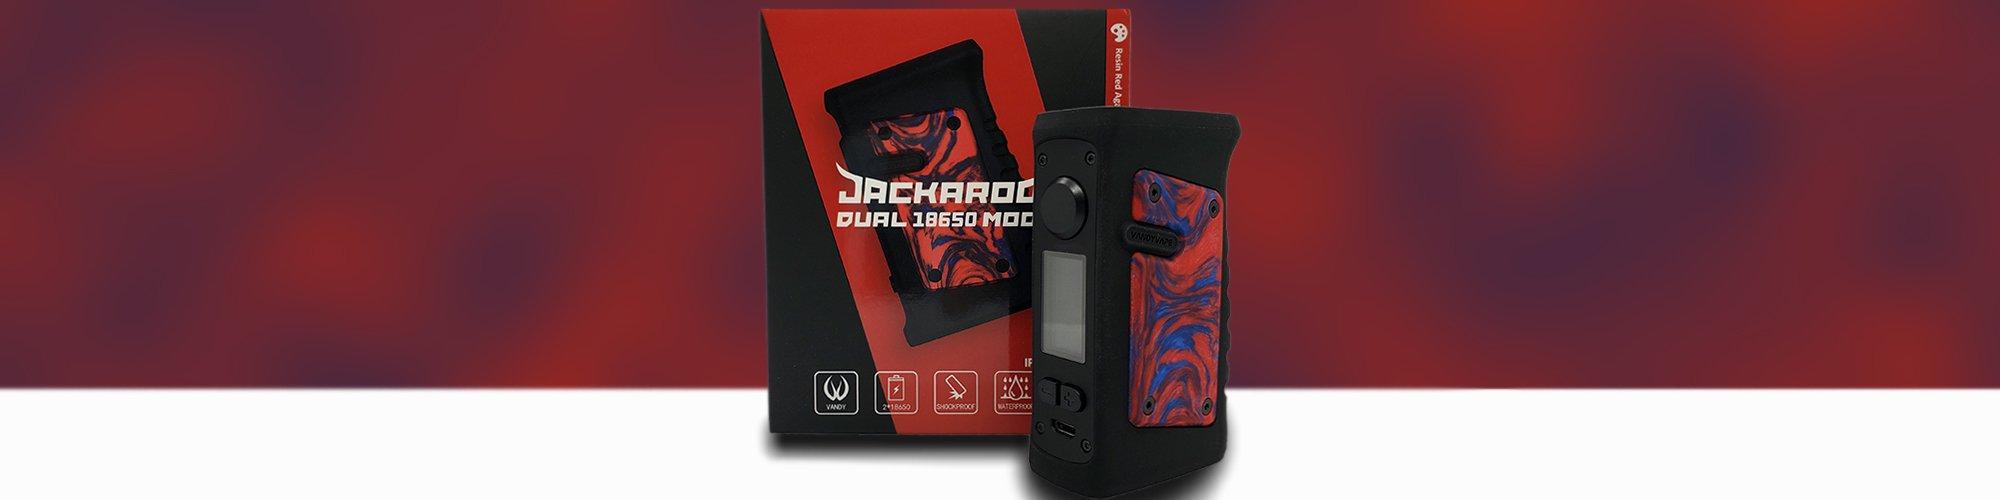 Vandy Vape Jackaroo Dual Mod Review Main Banner